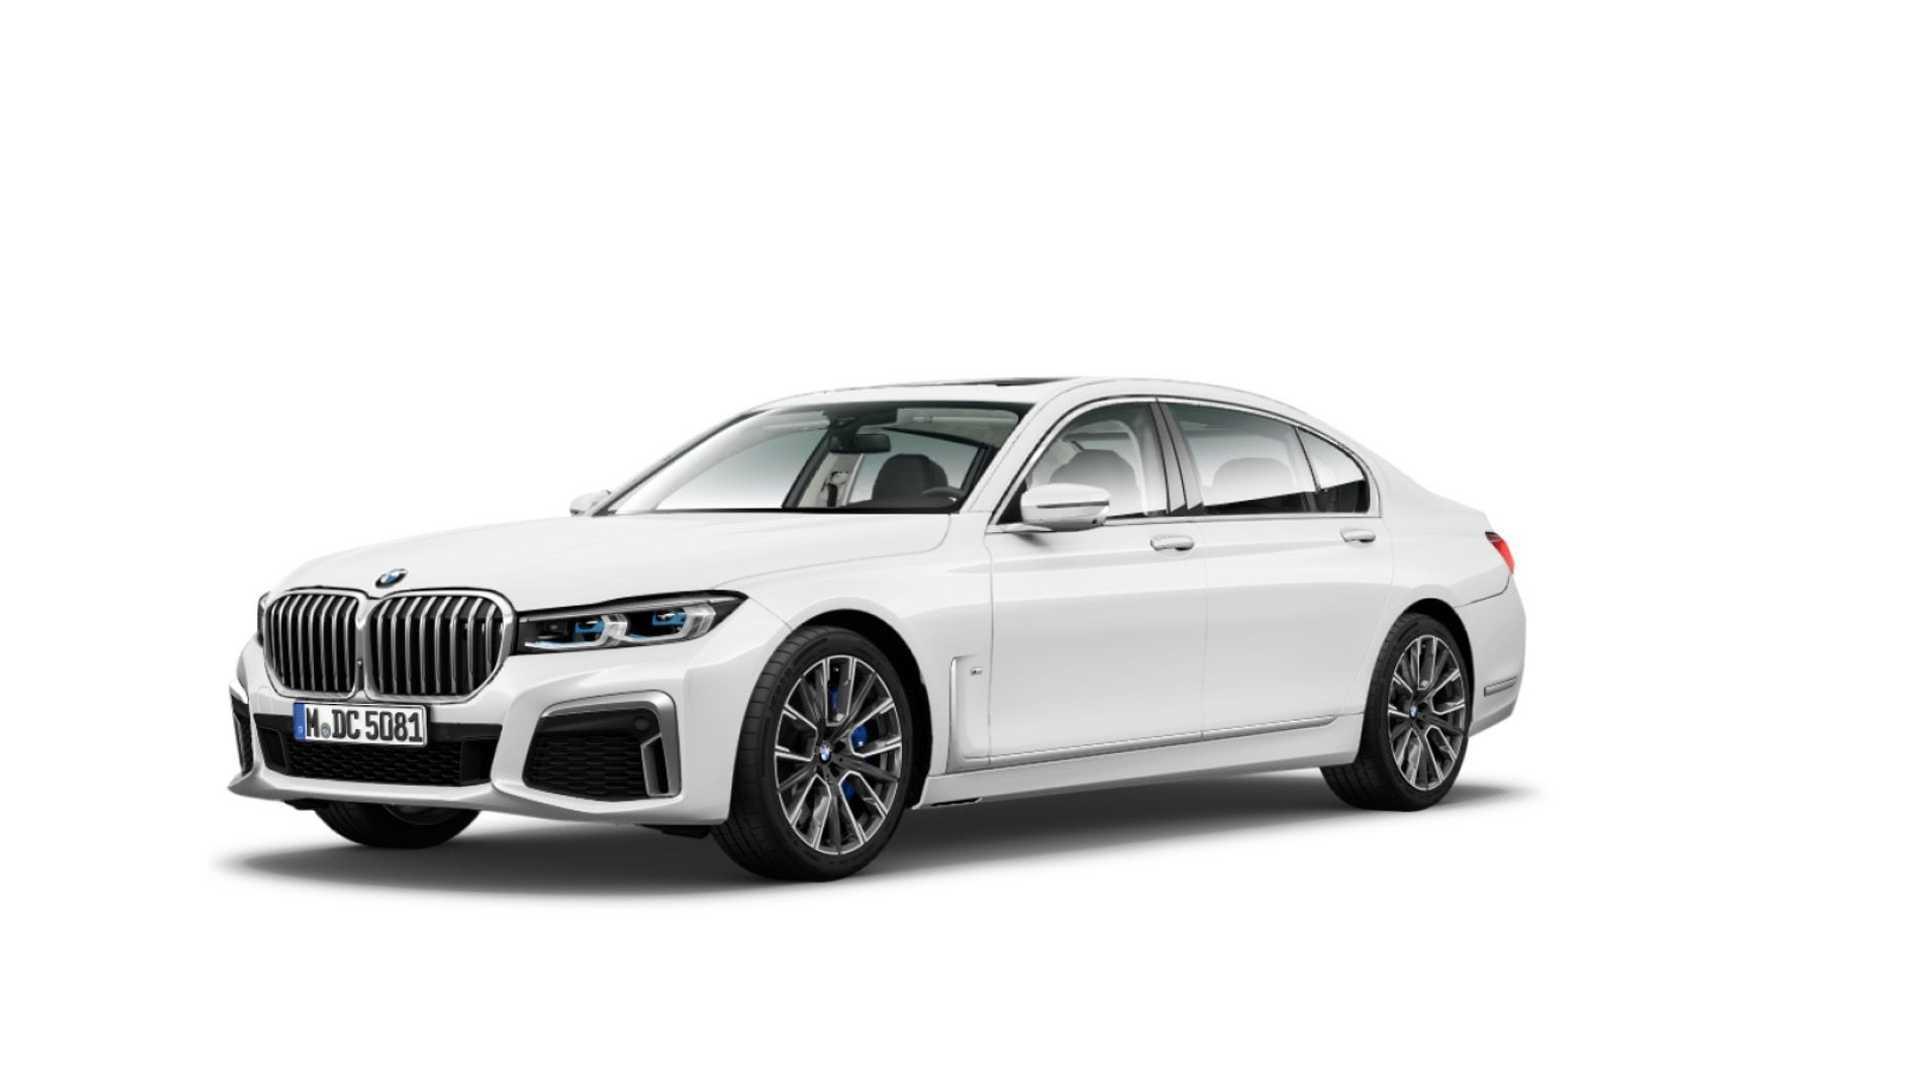 Опубликованы первые официальные снимки обновленного BMW 7-Series